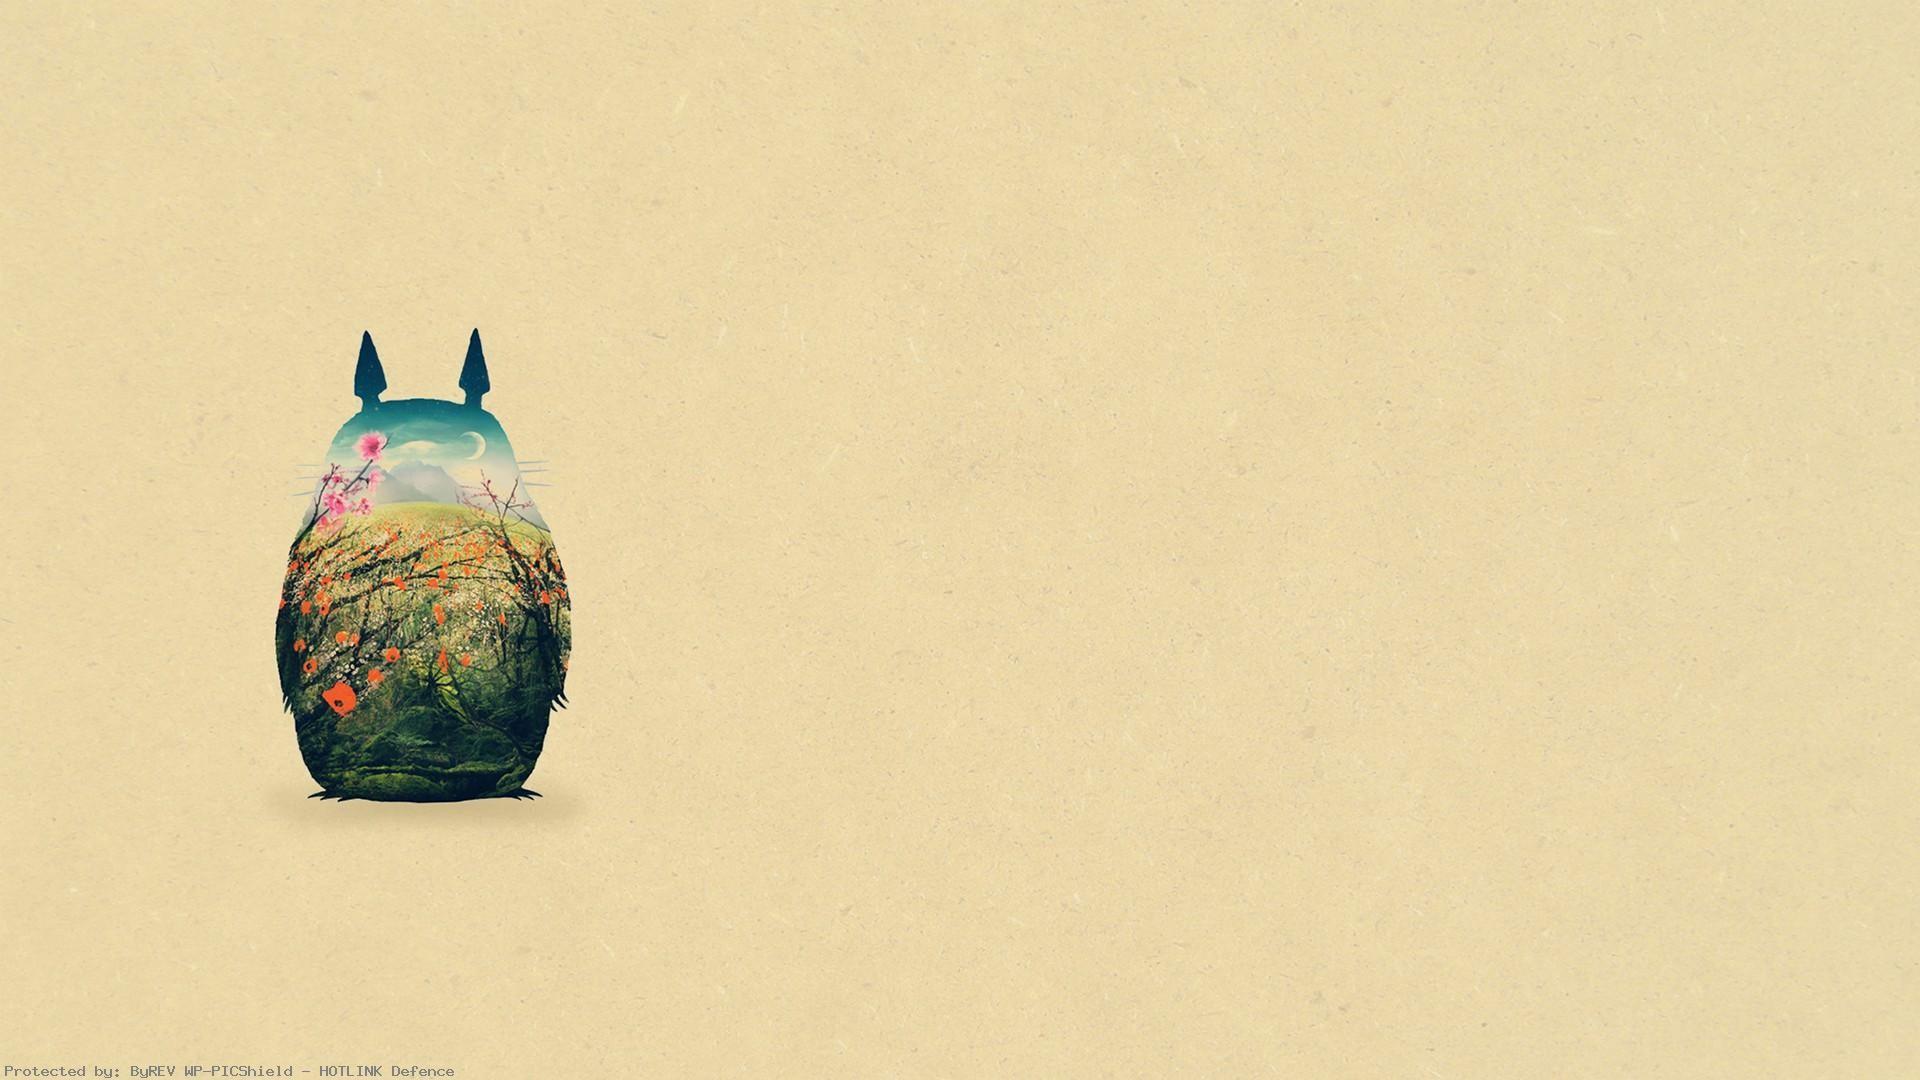 Totoro-My-Neighbor-Totoro-wallpaper-wp60012984